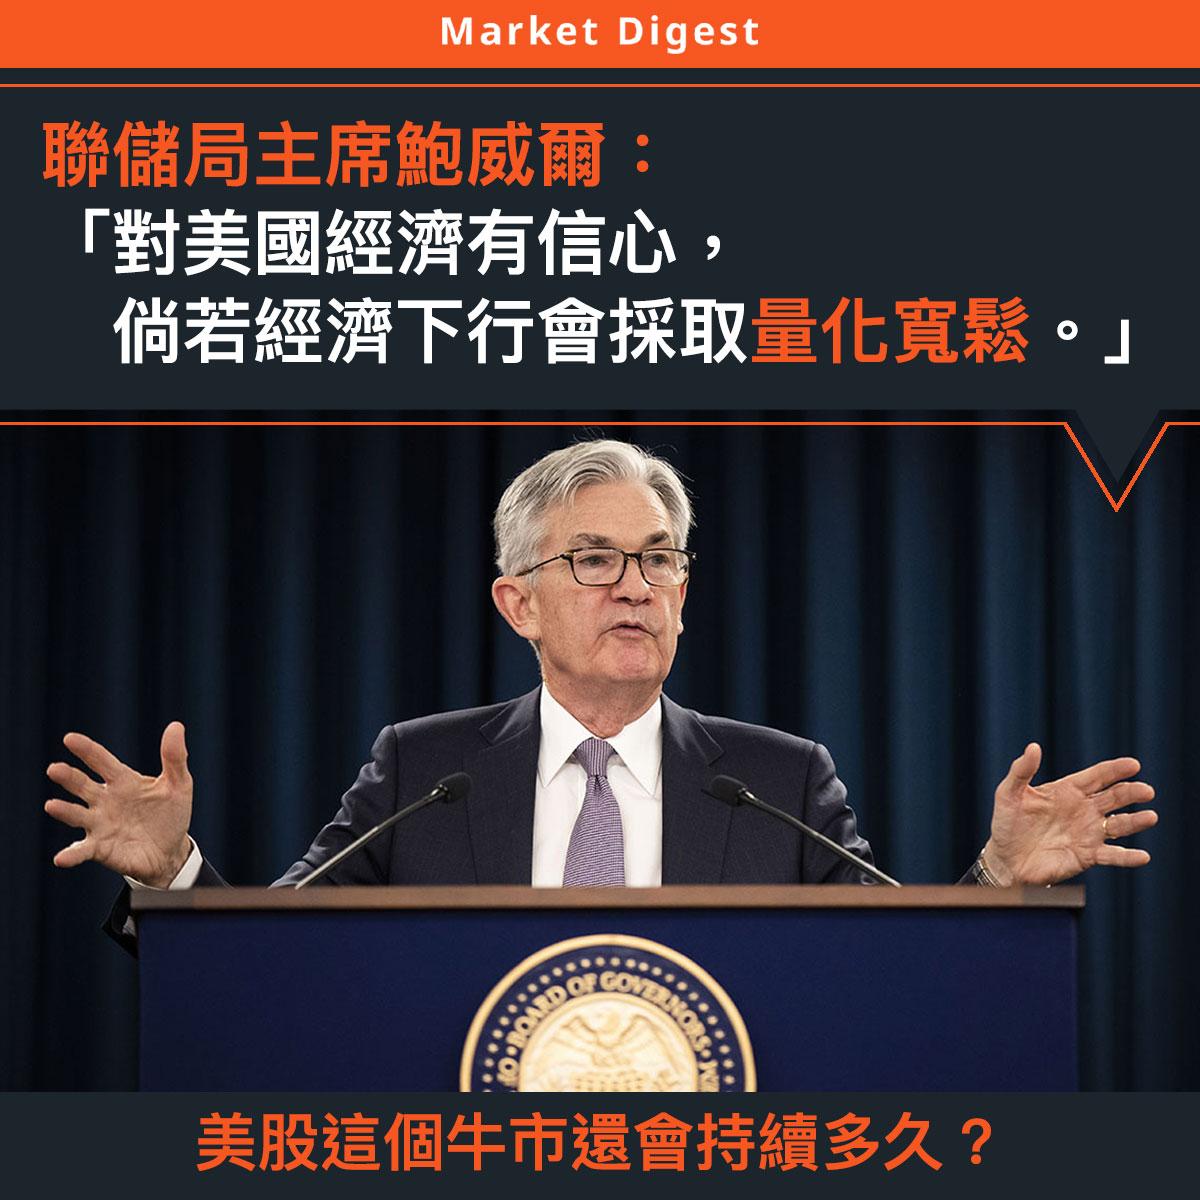 【市場熱話】聯儲局主席鮑威爾:「對美國經濟有信心,倘若經濟下行會採取量化寬鬆。」